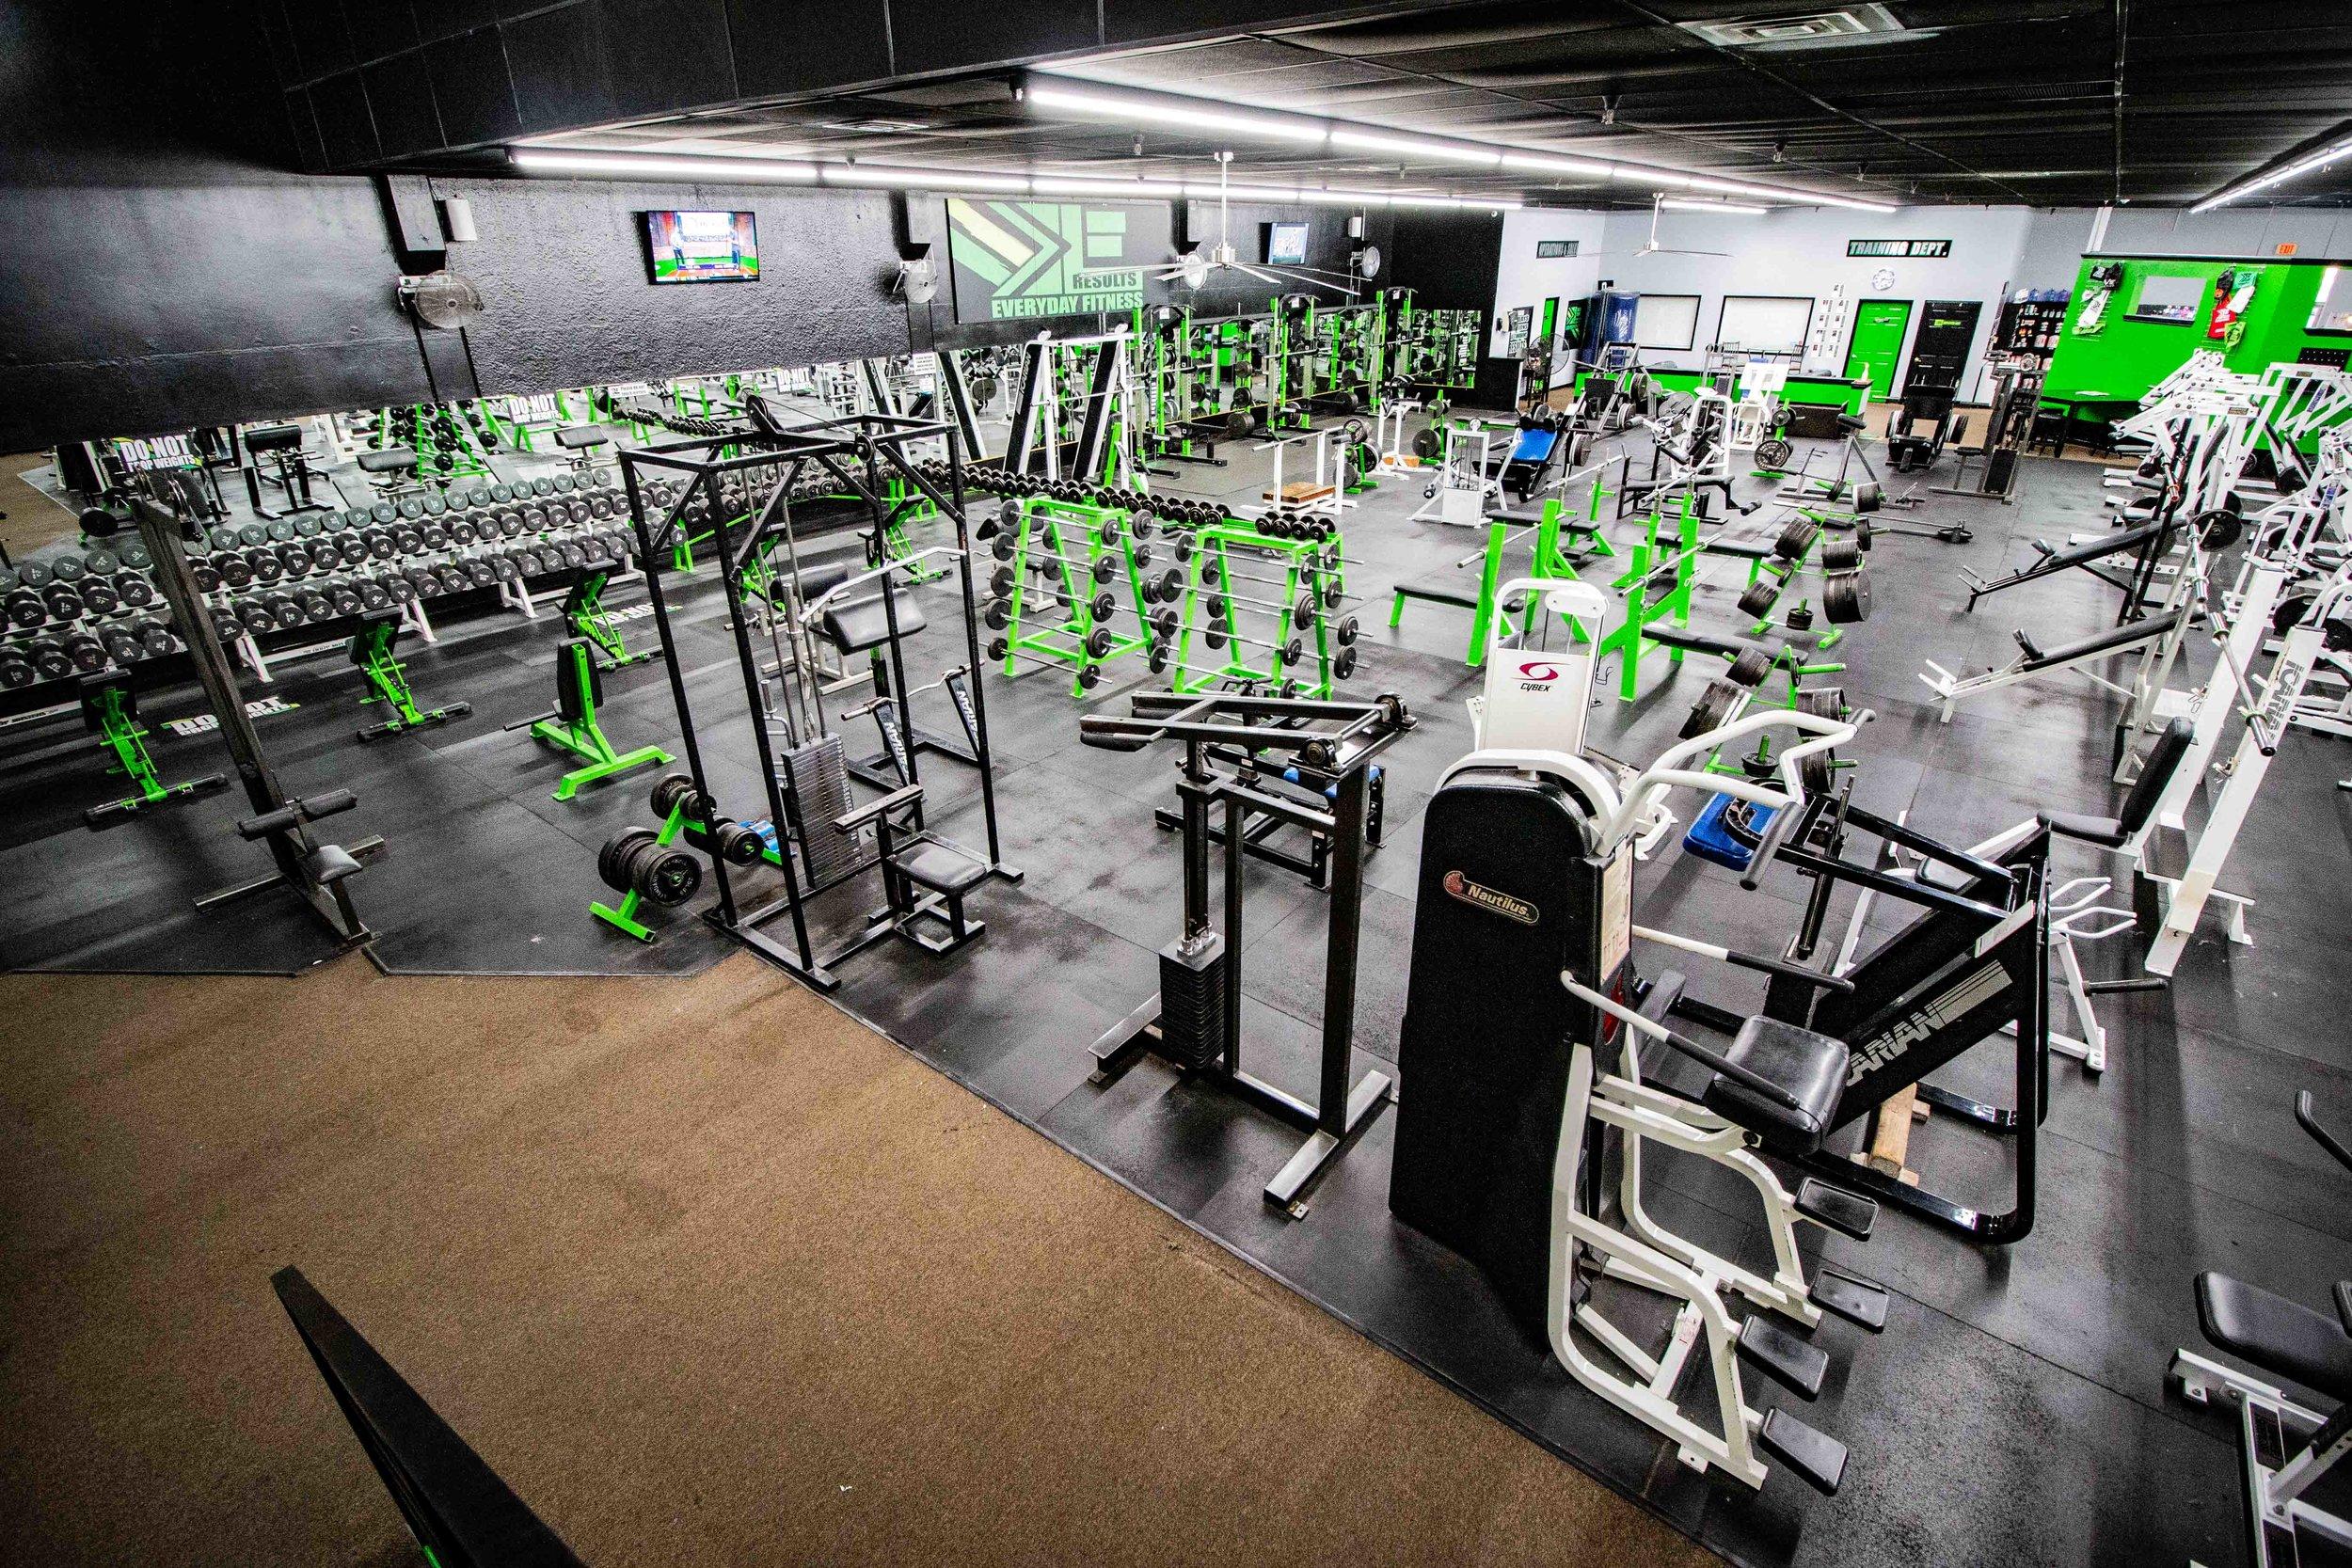 EveryDay Fitness Redding CA Gym-6-3.jpg